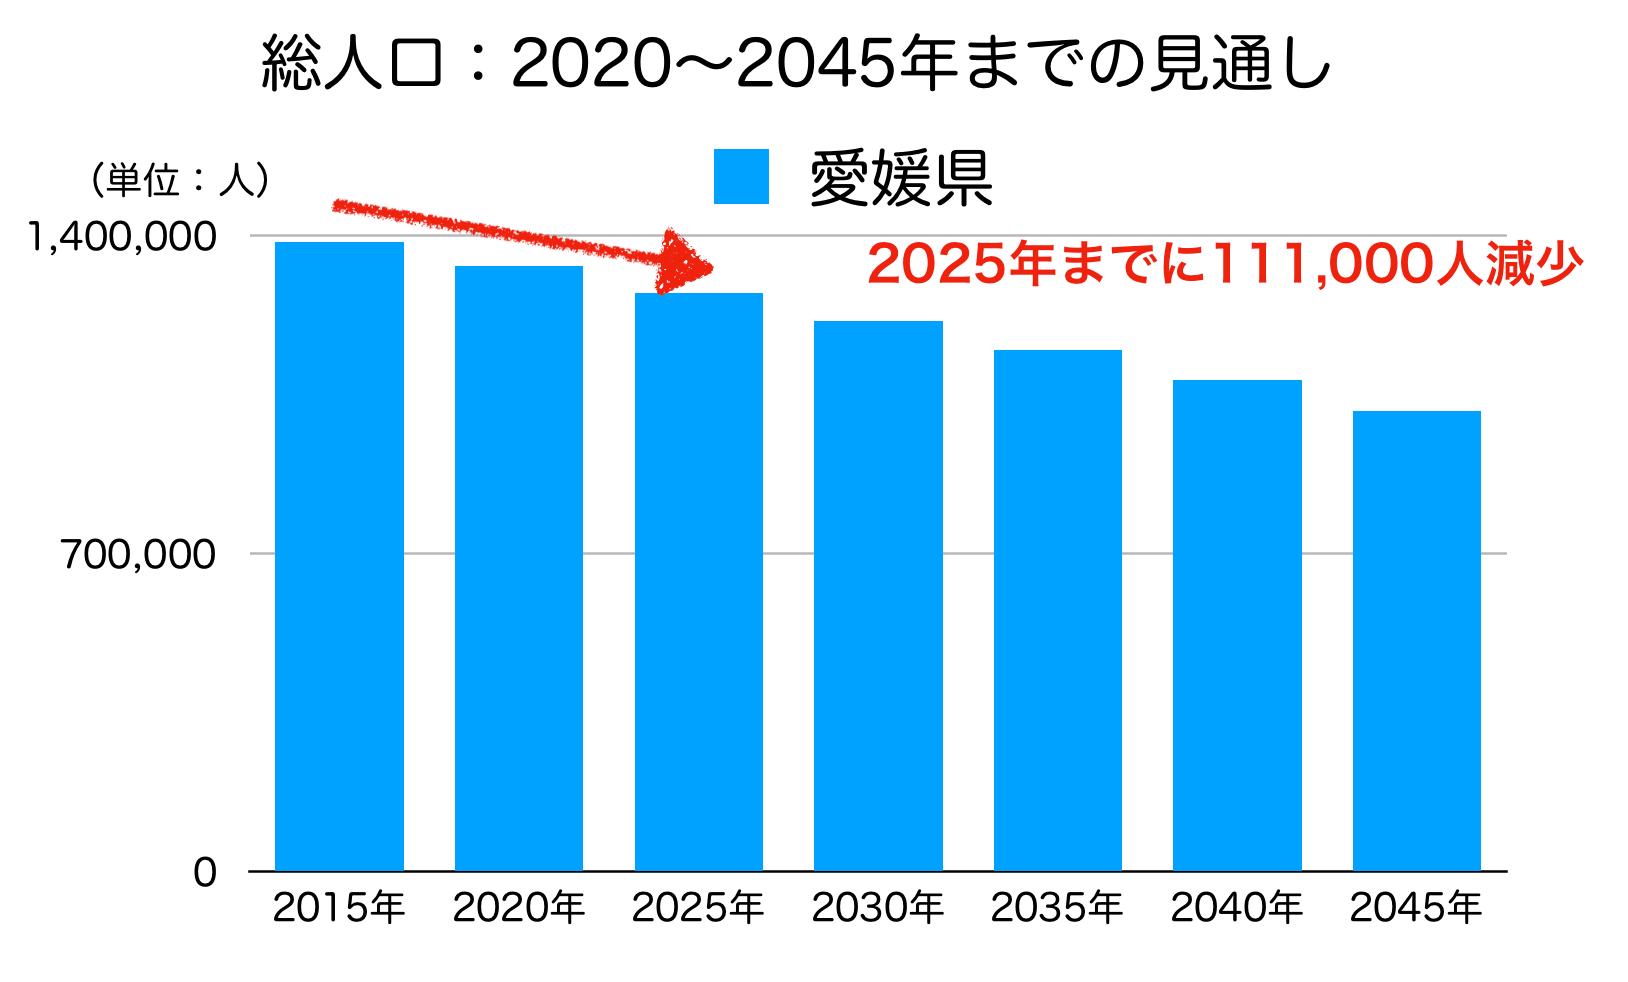 愛媛県の人口予測